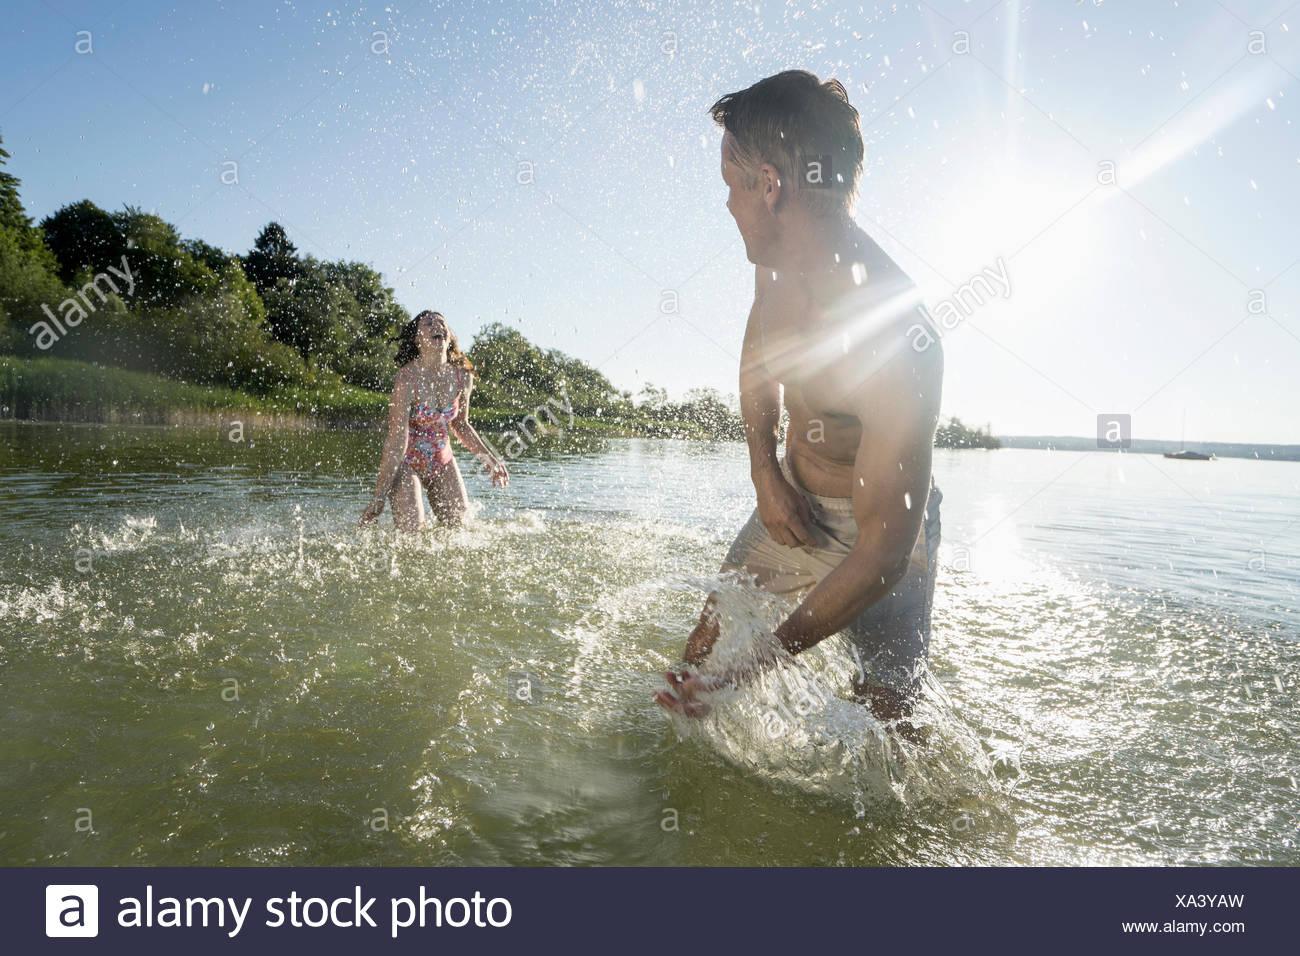 Coppia matura gli spruzzi di acqua per ogni altro sul lago, Baviera, Germania Immagini Stock